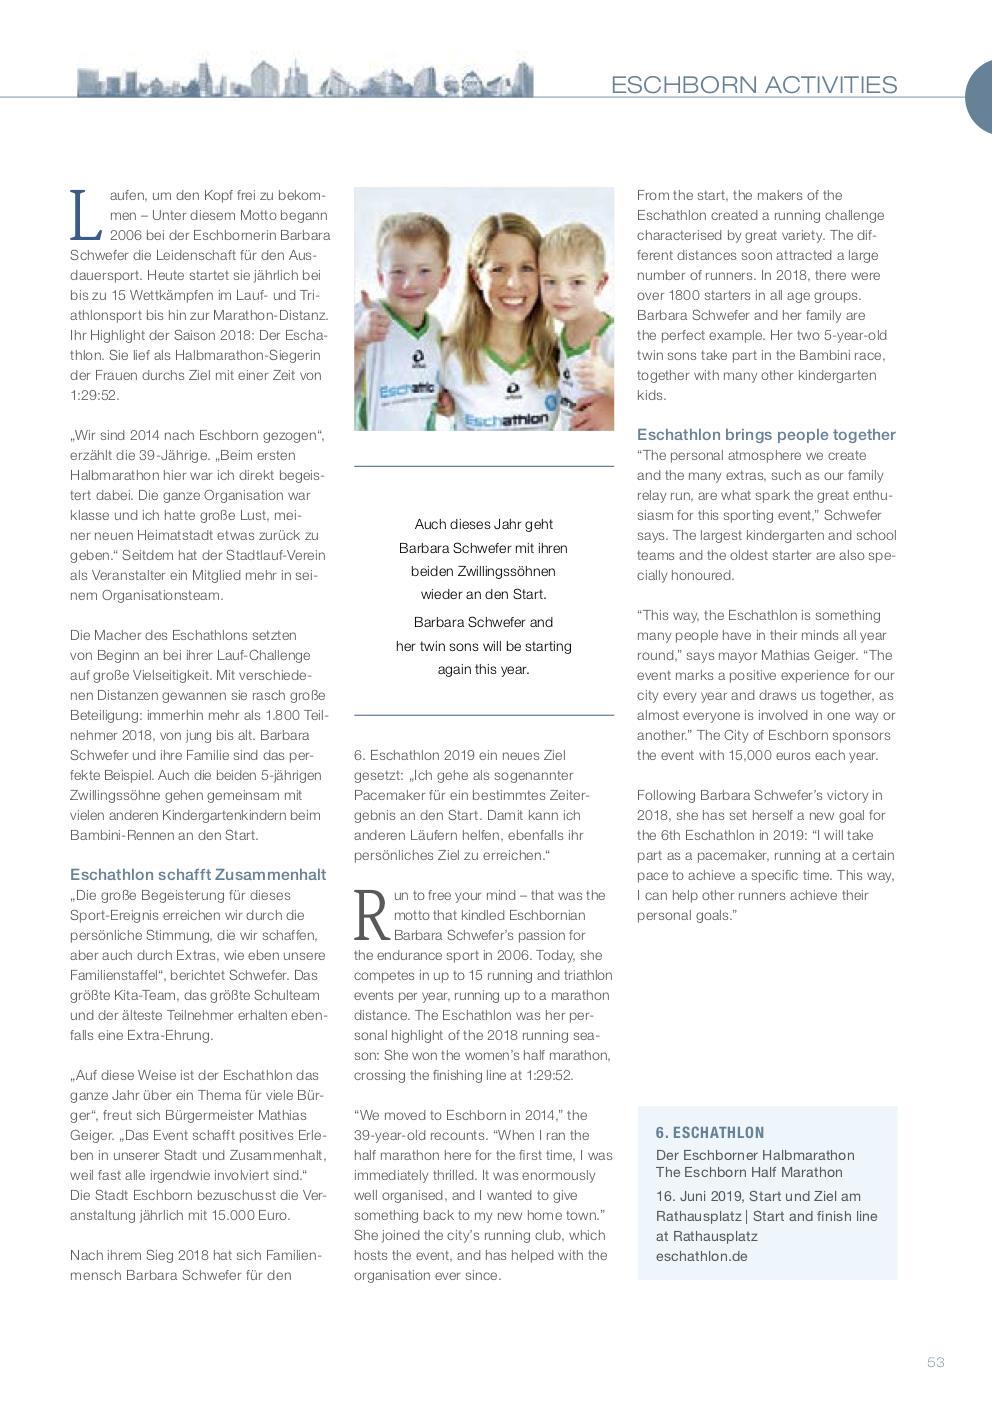 Eschborn_Magazin_Ansicht_2019_interaktiv Teil2